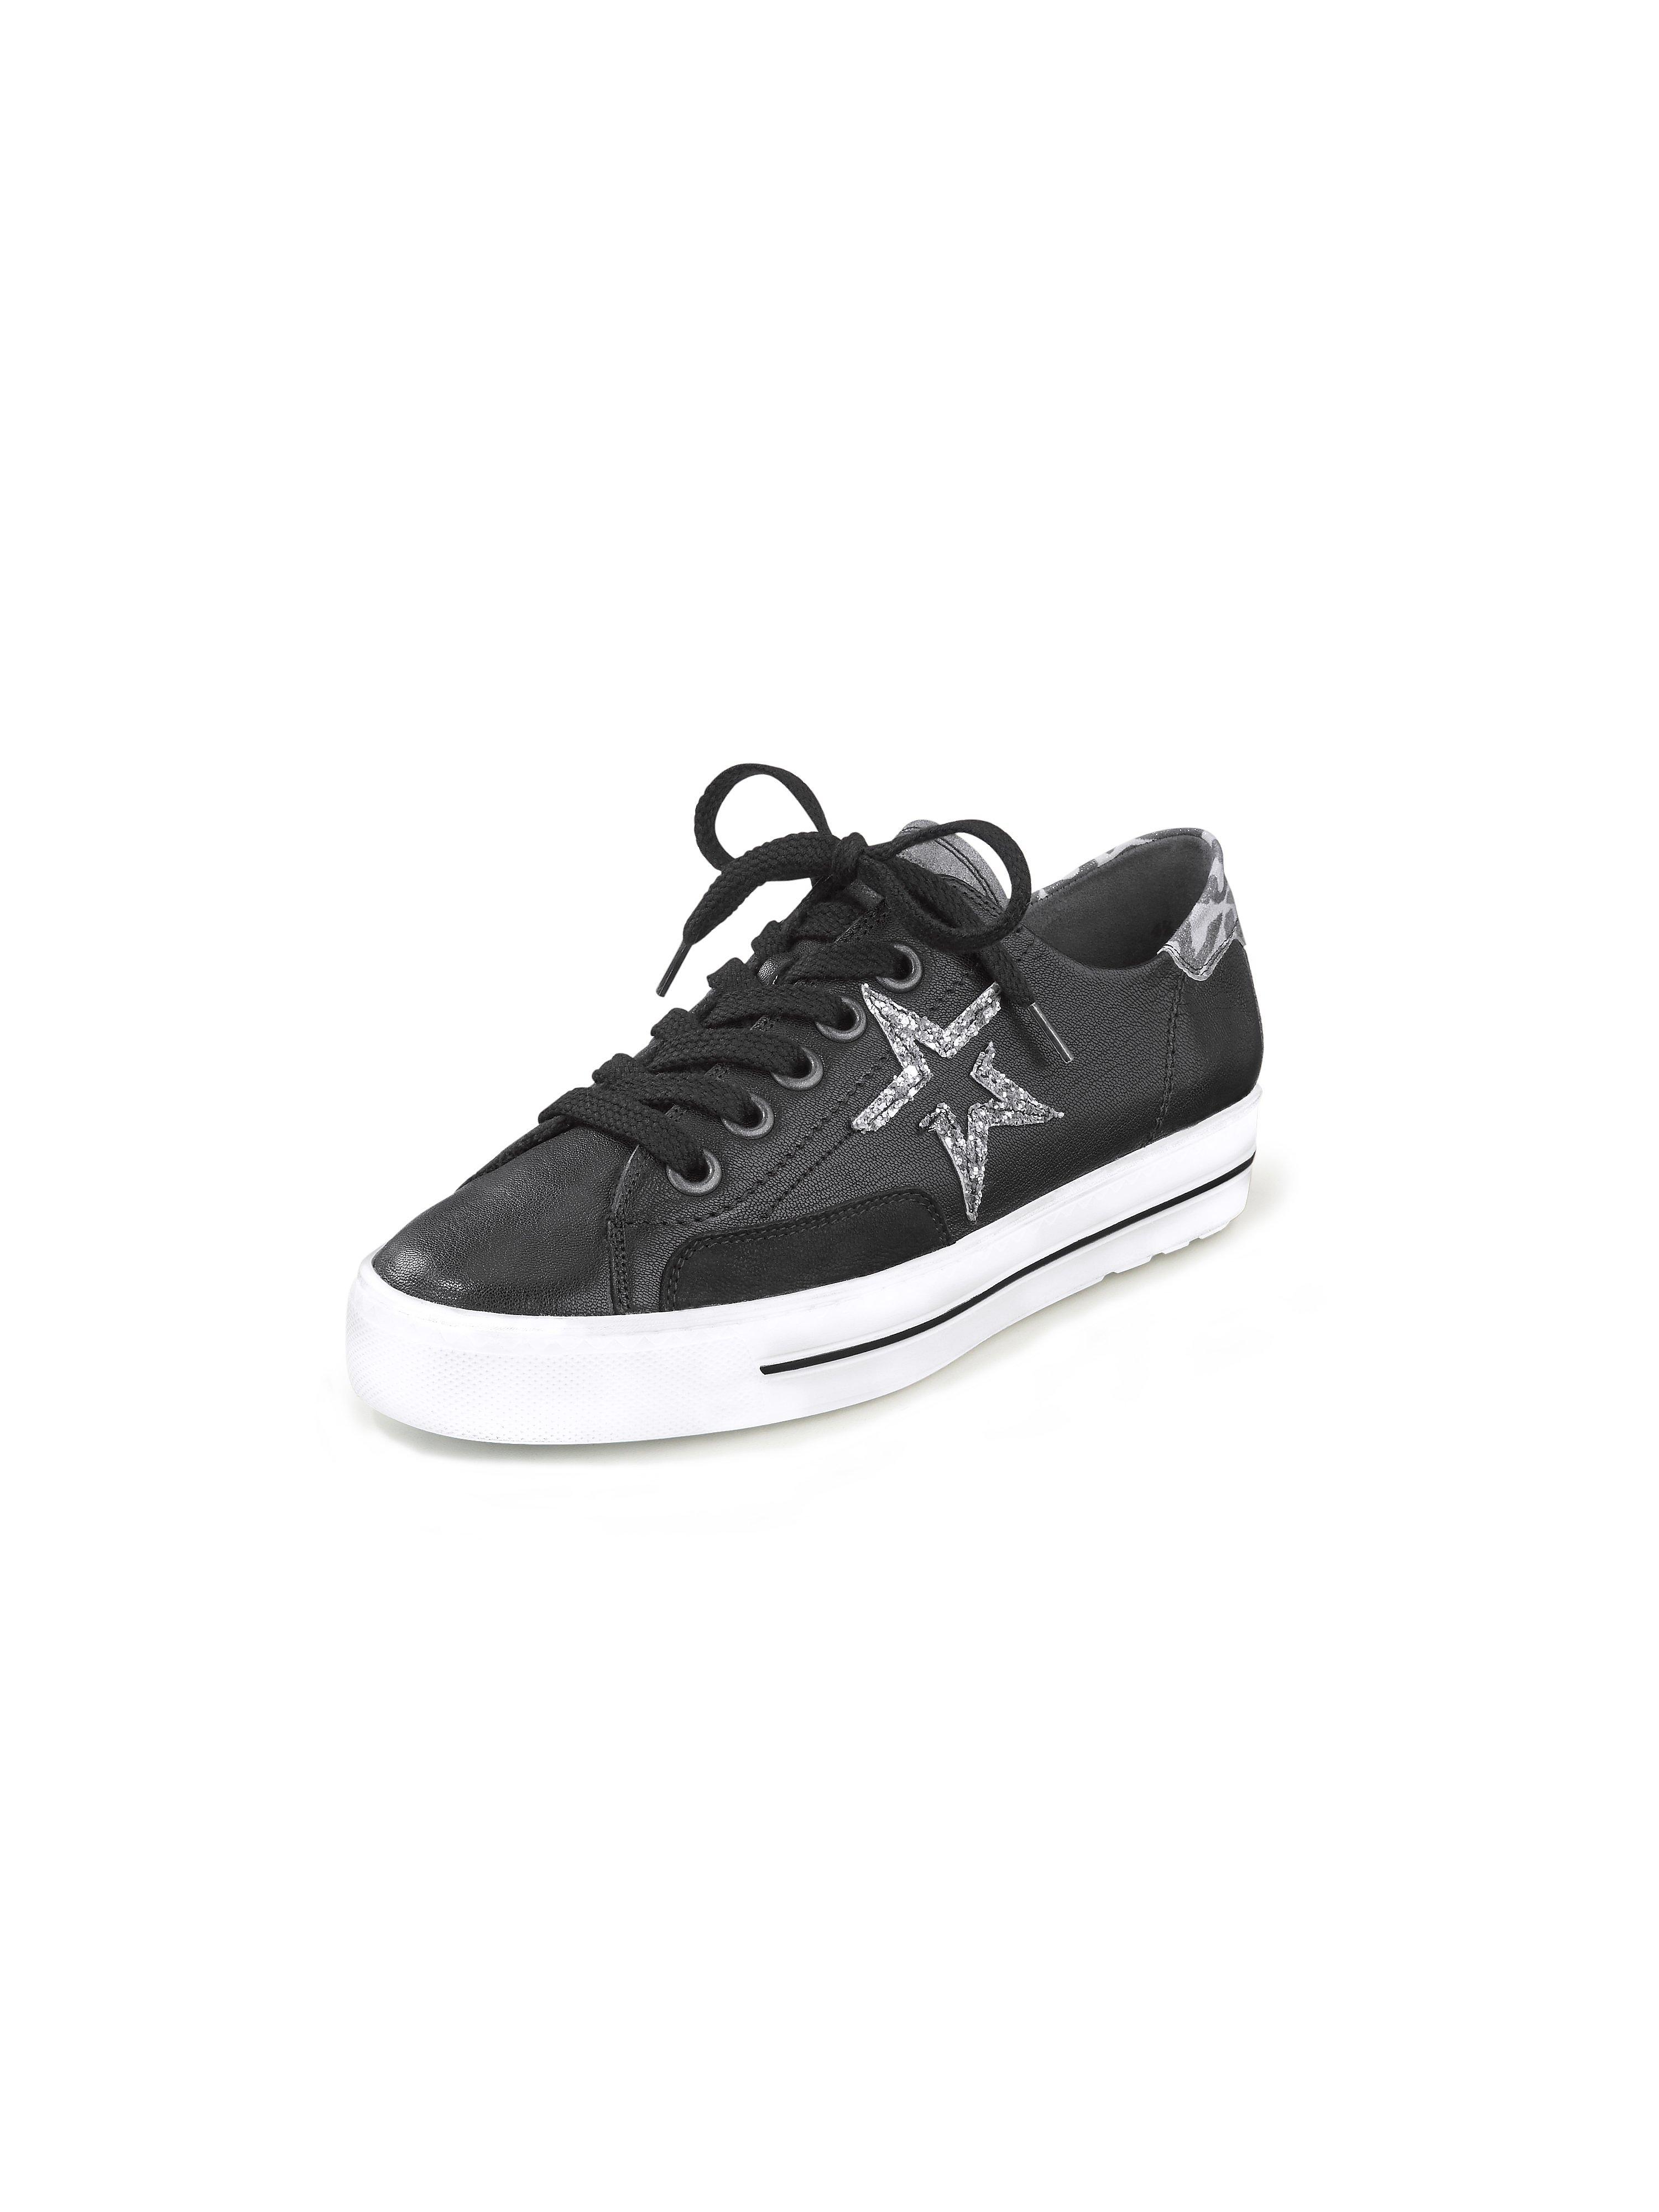 Sneakers met stermotief Van Paul Green zwart